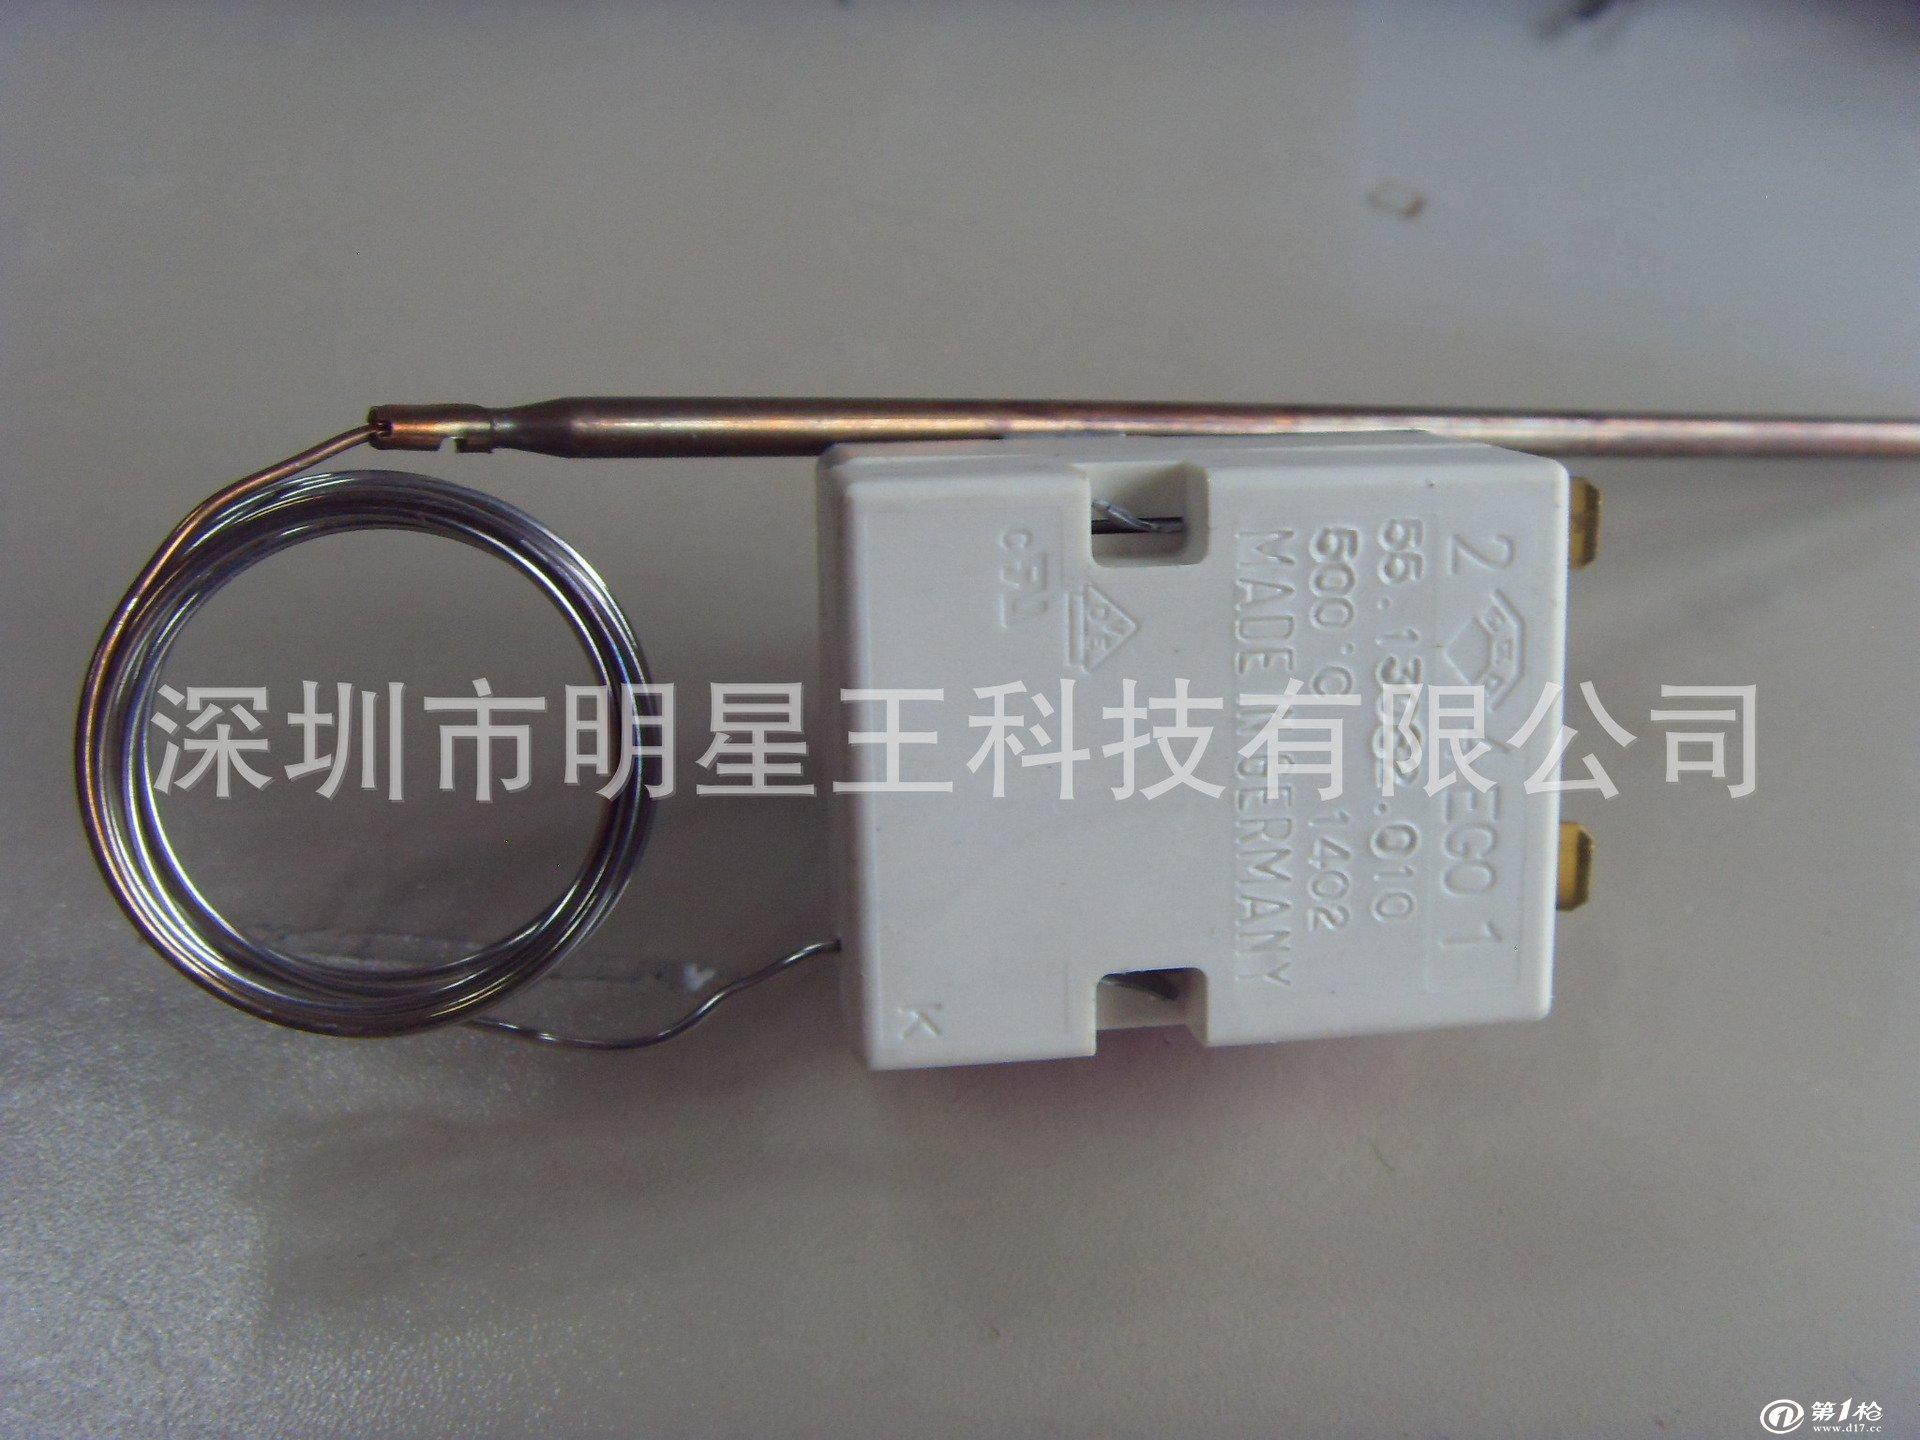 18262.050 (常开常闭式) (三相电温控器): ego温控开关 55.34011.